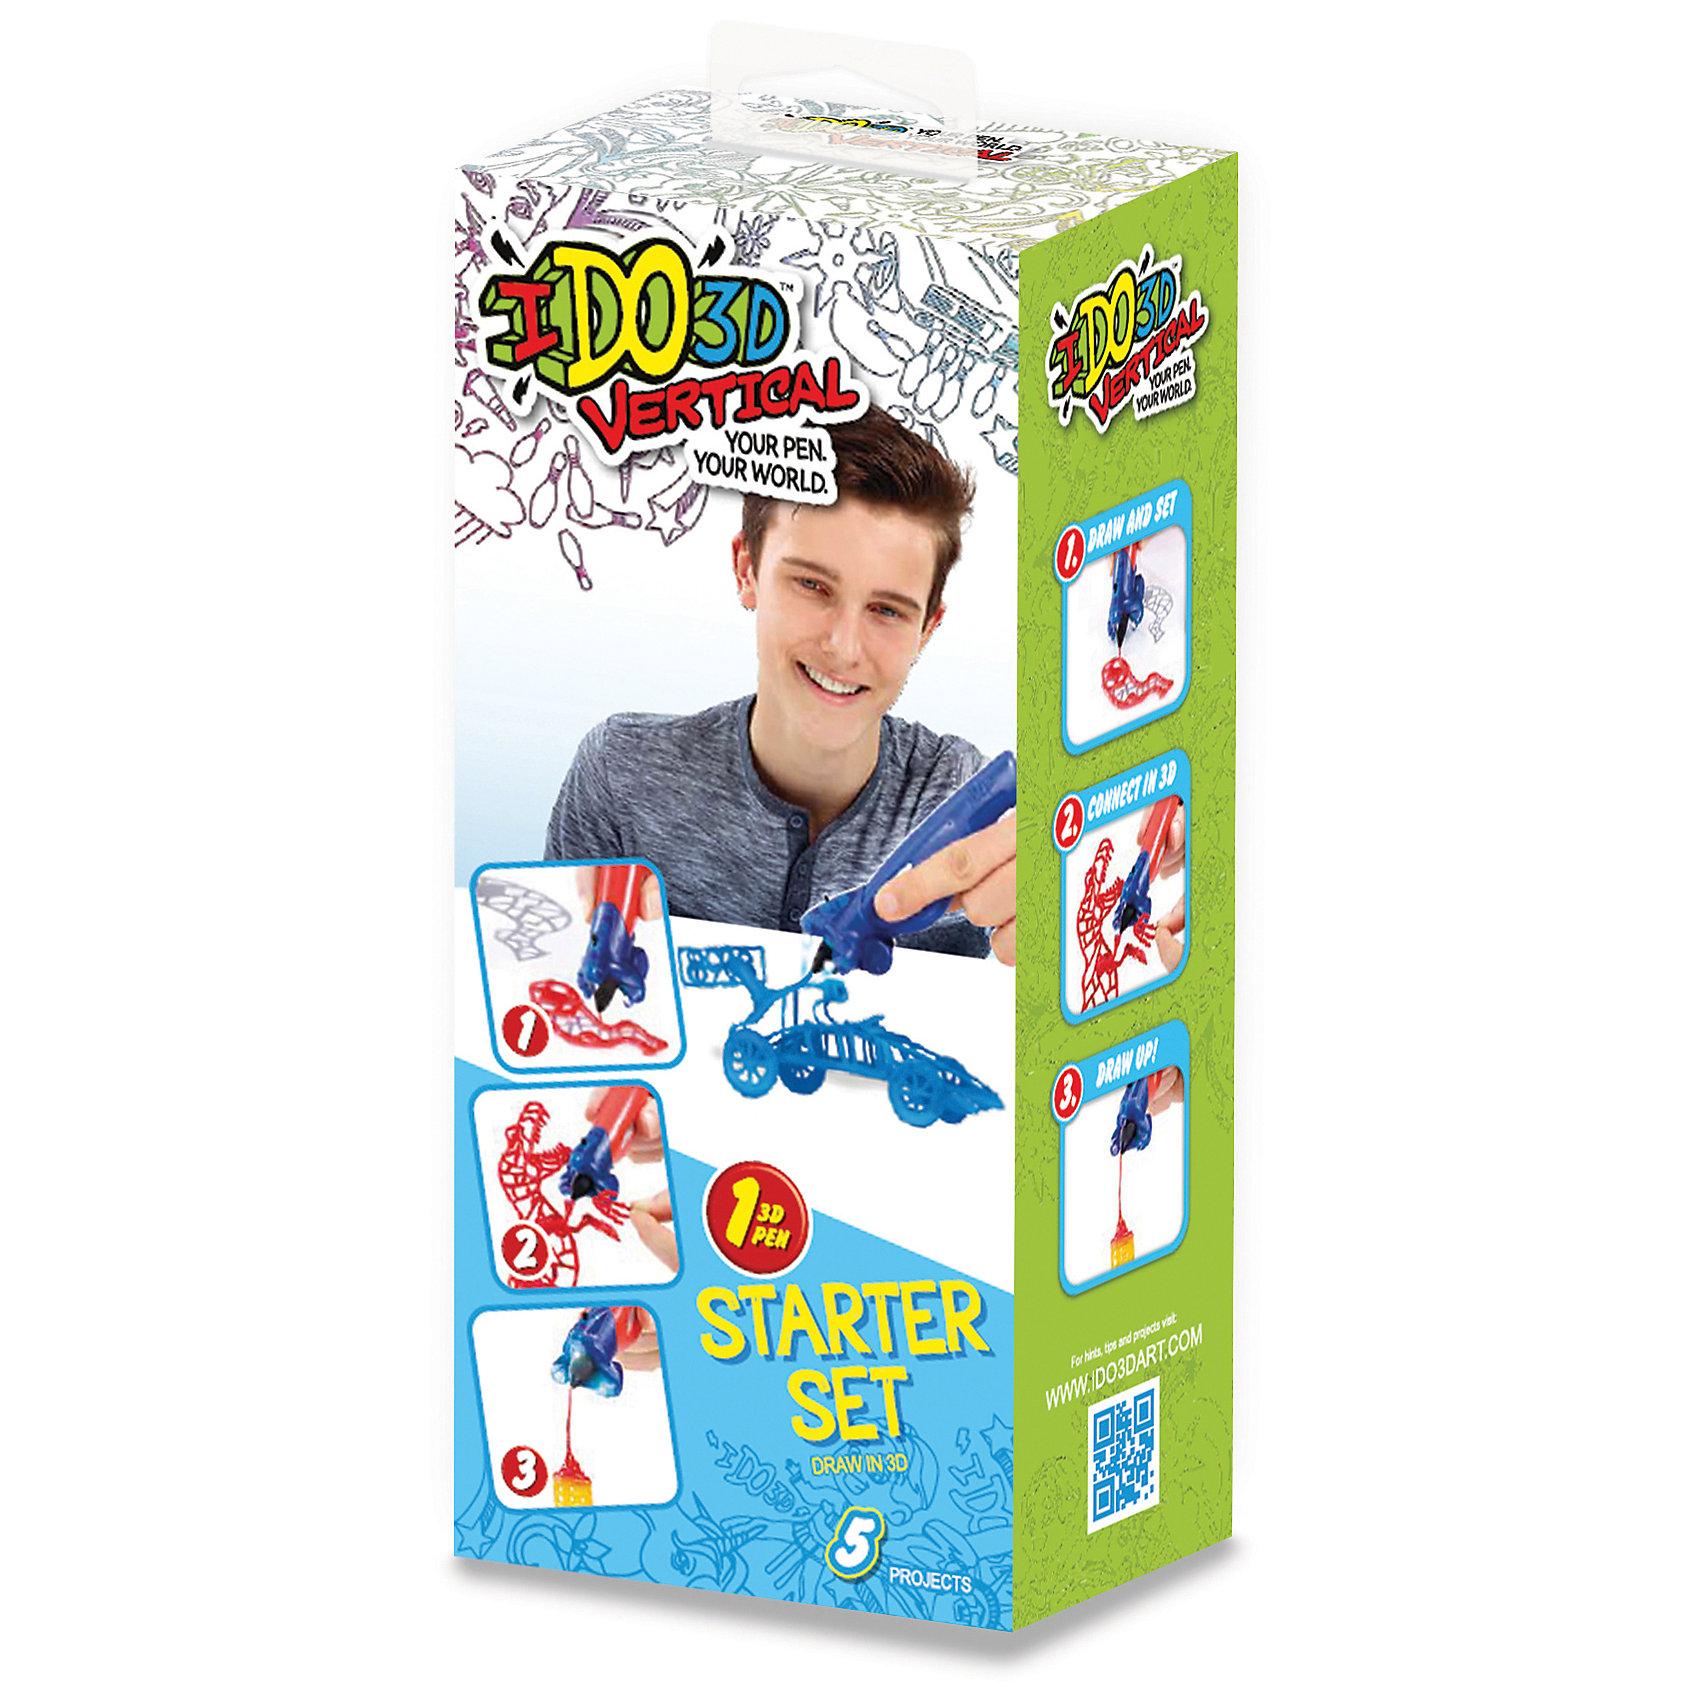 3D ручка Машинки (синий), Вертикаль3D-ручки<br>Характеристики товара:<br><br>• цвет: синий<br>• материал: пластик<br>• вес: 400 г<br>• размер упаковки: 10 х 7 х 24 см<br>• комплектация: цветная 3D ручка, световая насадка для отверждения, трафареты и инструкция<br>• батарейки: А76/(LR44), входят в набор<br>• упаковка: коробка<br>• страна производства: Китай<br><br>3D-рисование - это современный и очень увлекательный вид творчества! С помощью него также можно создать множество полезных и уникальных вещей. Эта 3D-ручка - качественный и удобный предмет, который поможет ребенку выразить свои творческие способности. Объемный рисунок получается из яркого материала, очень красиво смотрится.<br>В наборе есть всё необходимое, чтобы сразу приступить к созданию объемных рисунков! Изделие произведено из качественных и безопасных для ребенка материалов.<br><br>3D ручку Машинки (синий), Вертикаль, можно купить в нашем интернет-магазине.<br><br>Ширина мм: 107<br>Глубина мм: 70<br>Высота мм: 242<br>Вес г: 376<br>Возраст от месяцев: 36<br>Возраст до месяцев: 2147483647<br>Пол: Мужской<br>Возраст: Детский<br>SKU: 5253071